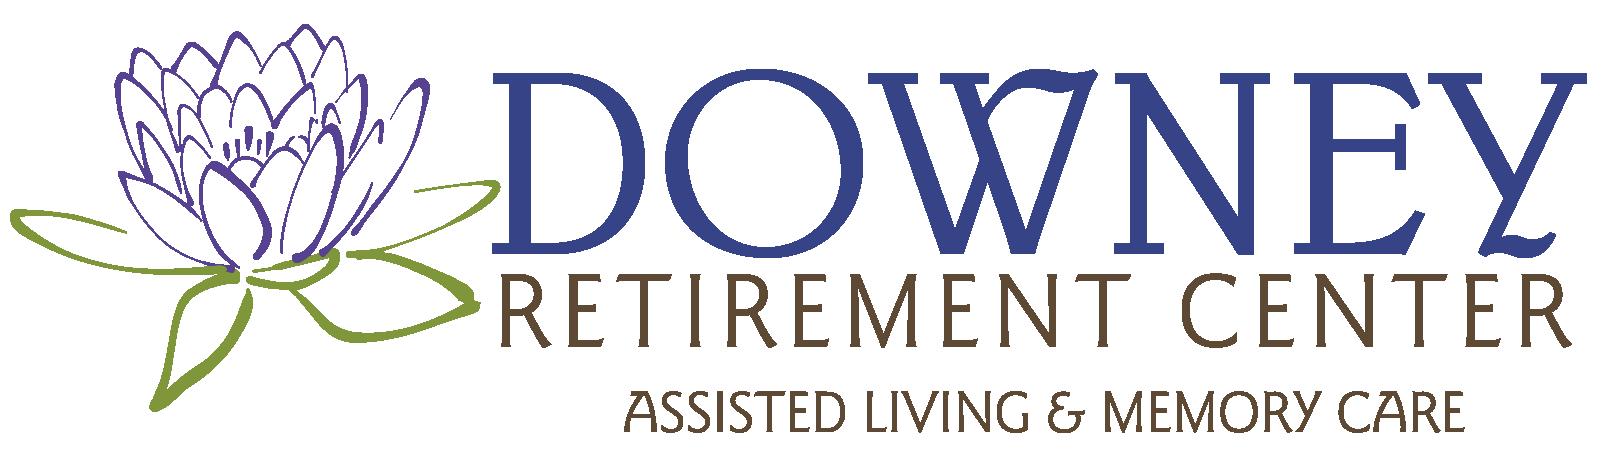 Downey-logo@6x